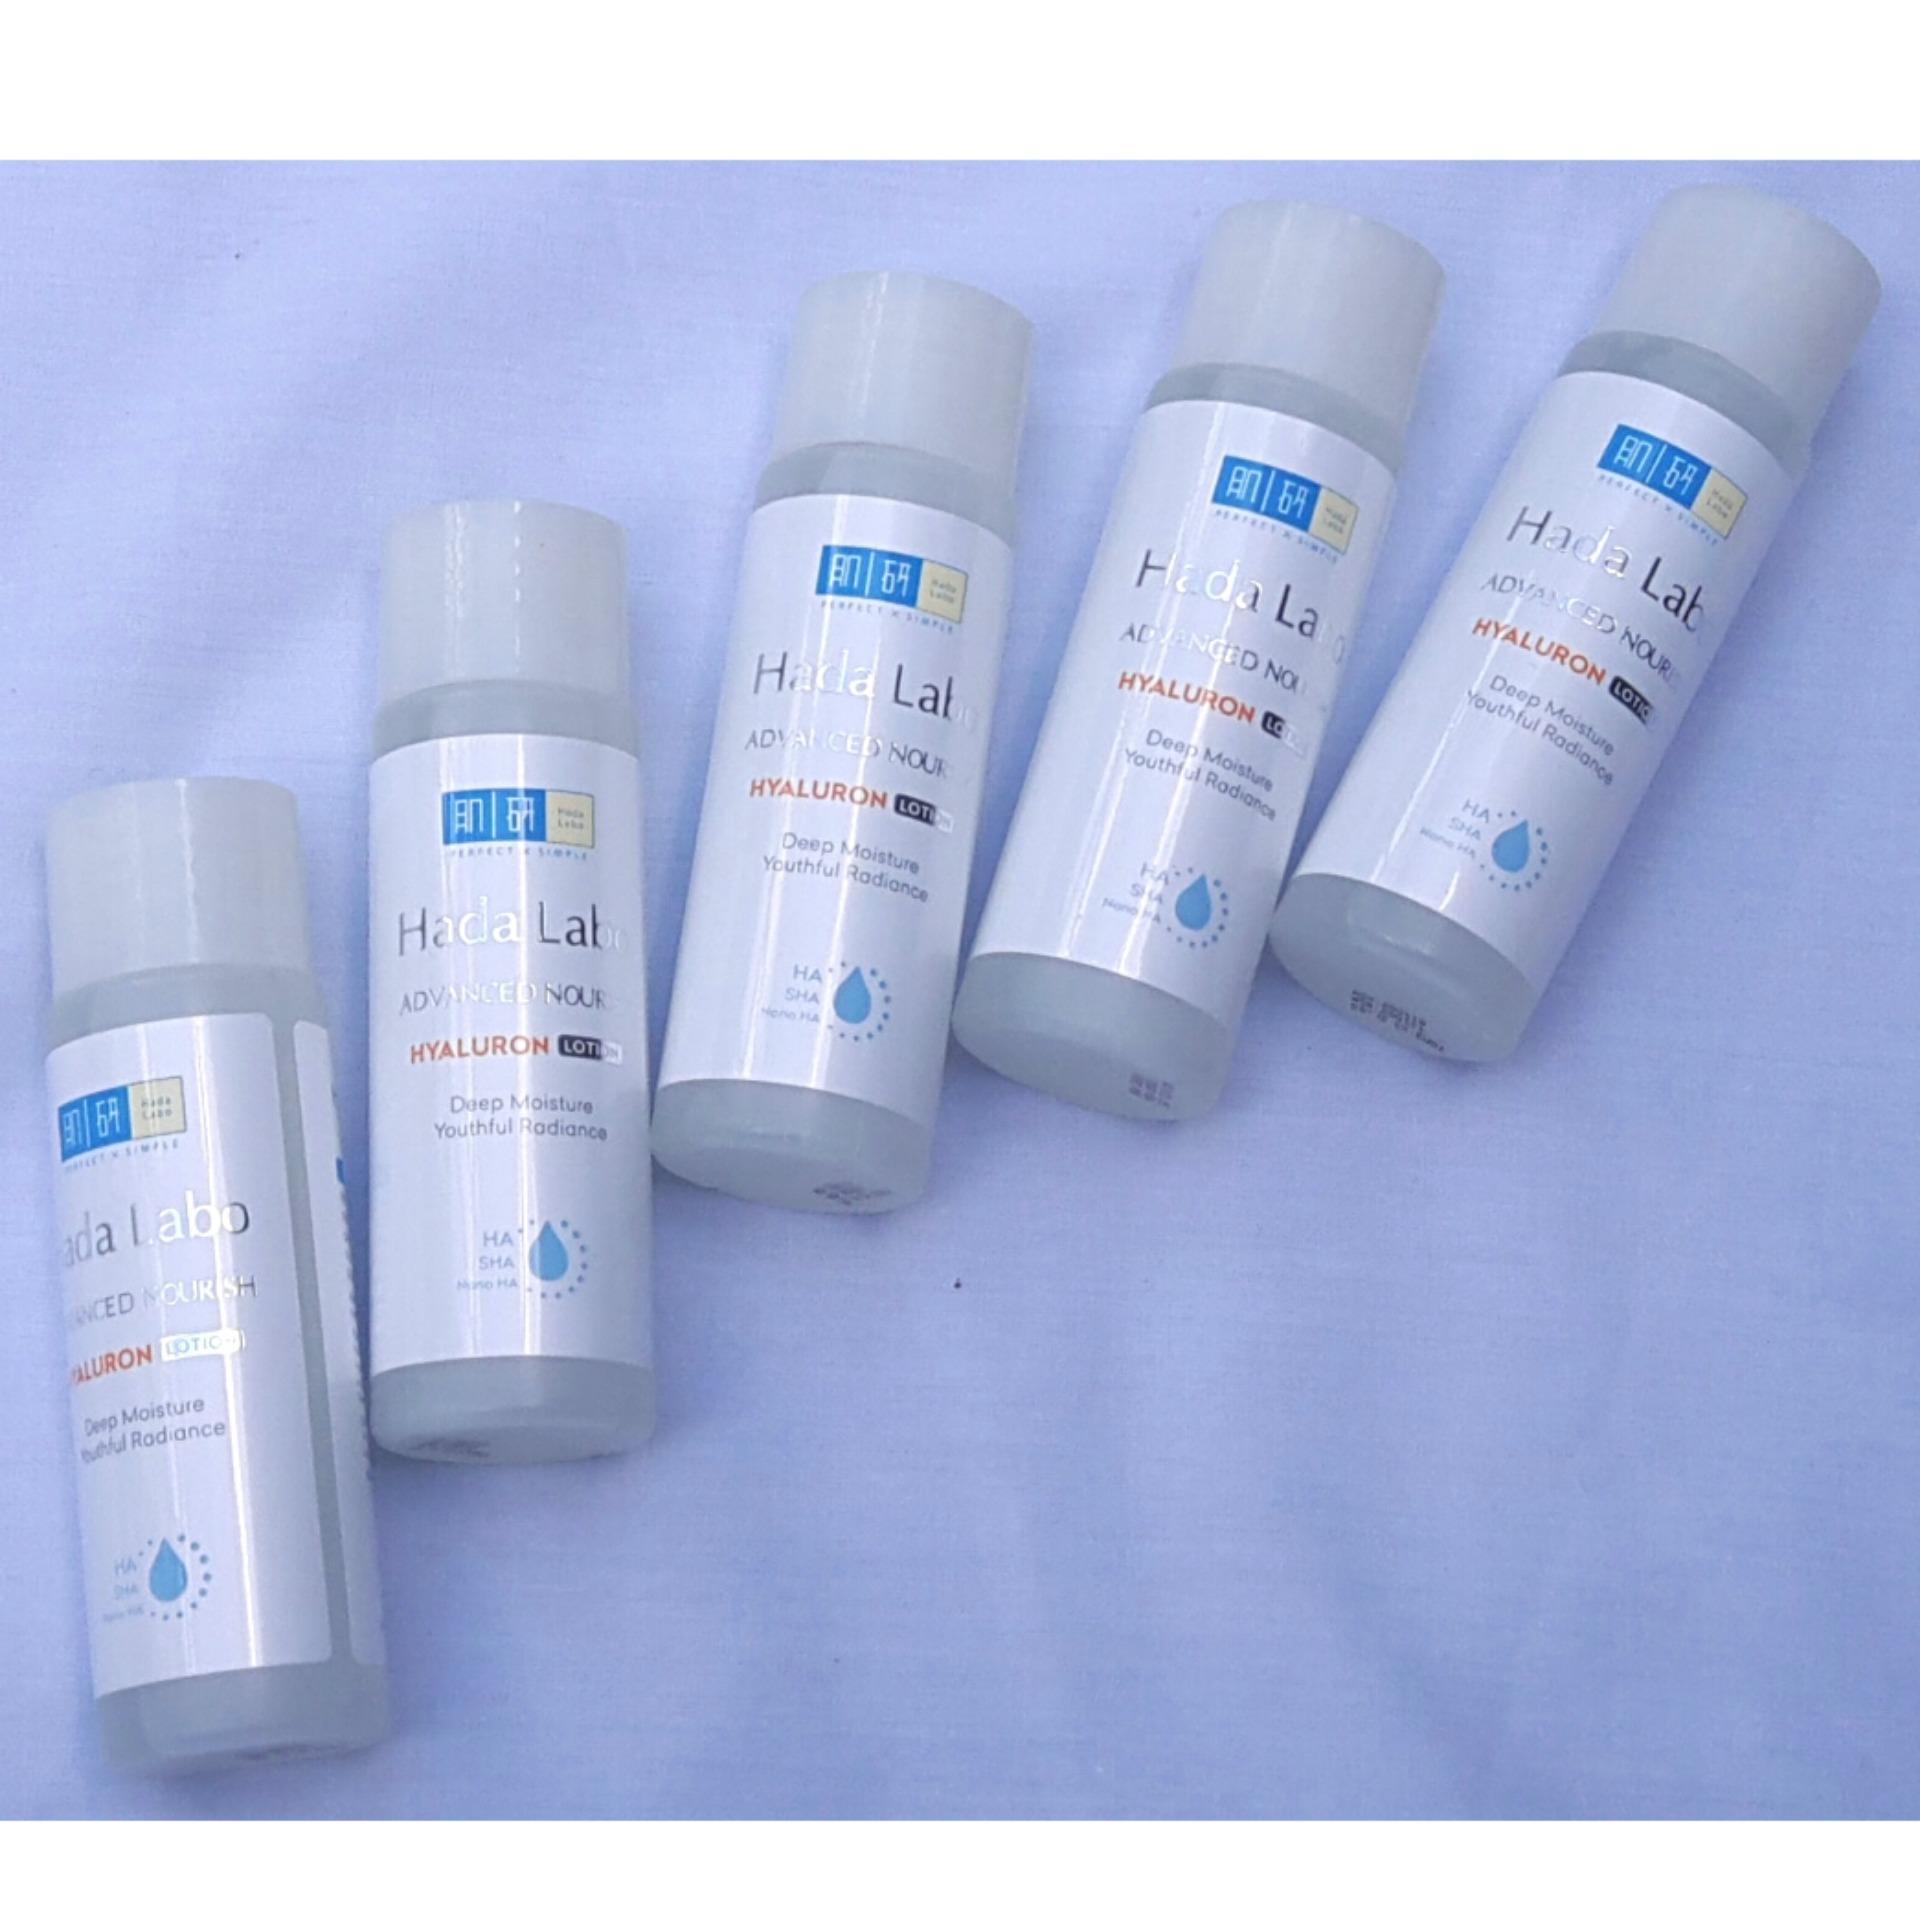 Hình ảnh Combo 5 chai Dung dịch dưỡng ẩm tối ưu Hada Labo Advanced Nourish Hyaluron Lotion 40ml